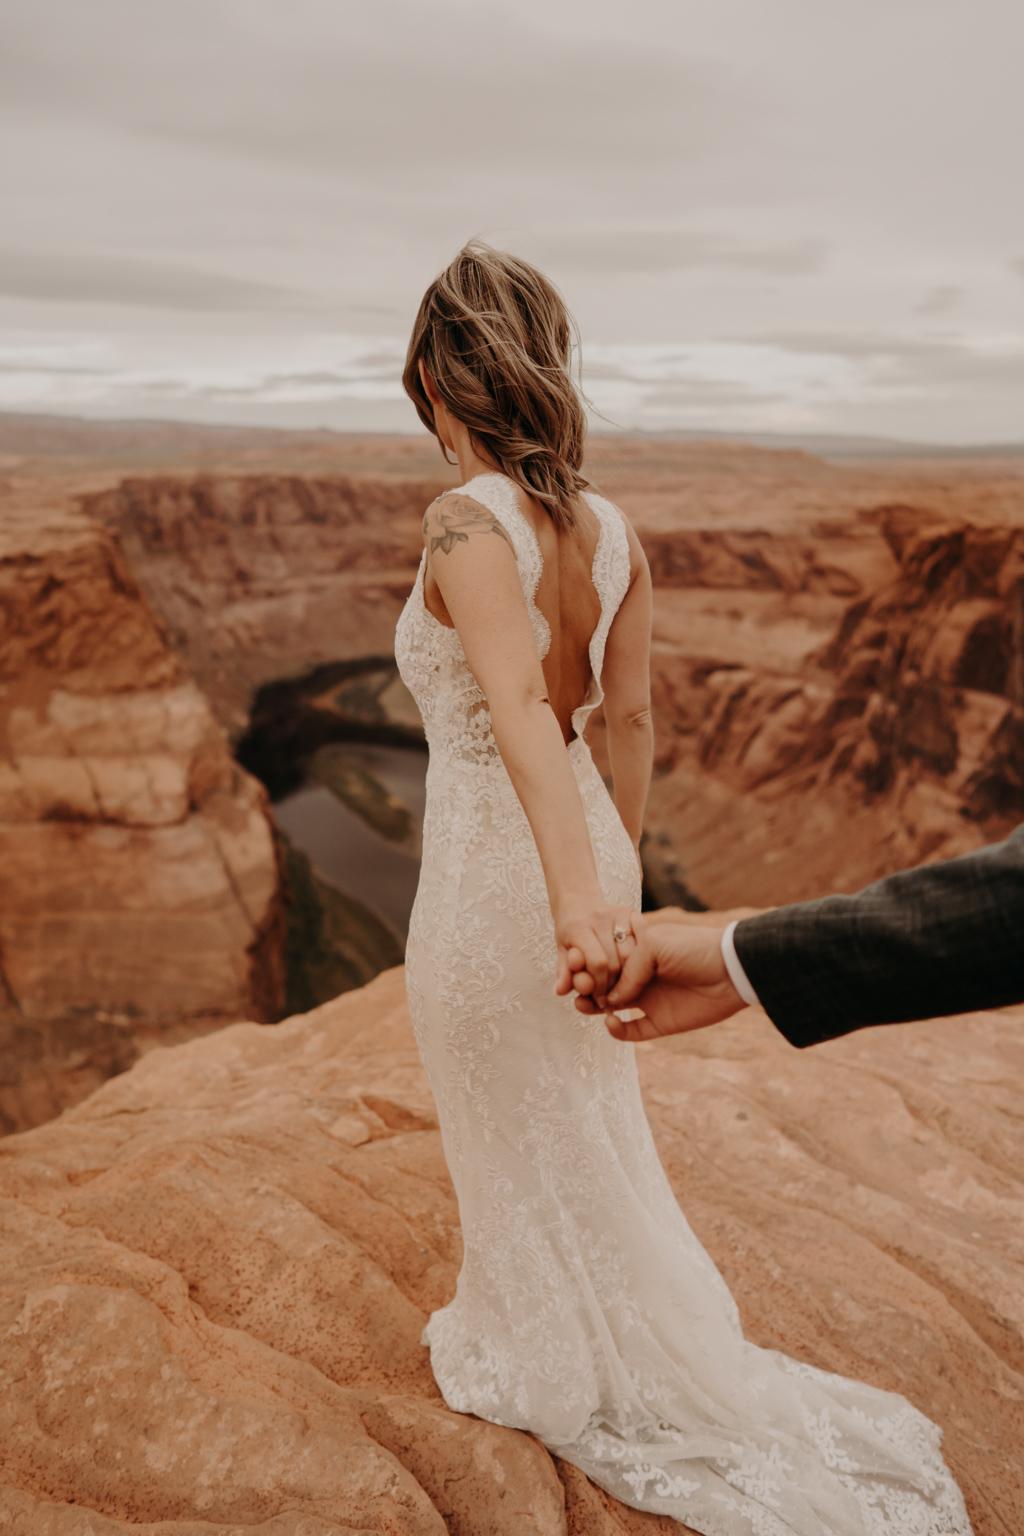 trouweninhetbuitenland_huwelijksfotografie_roxannedankers-21.jpg